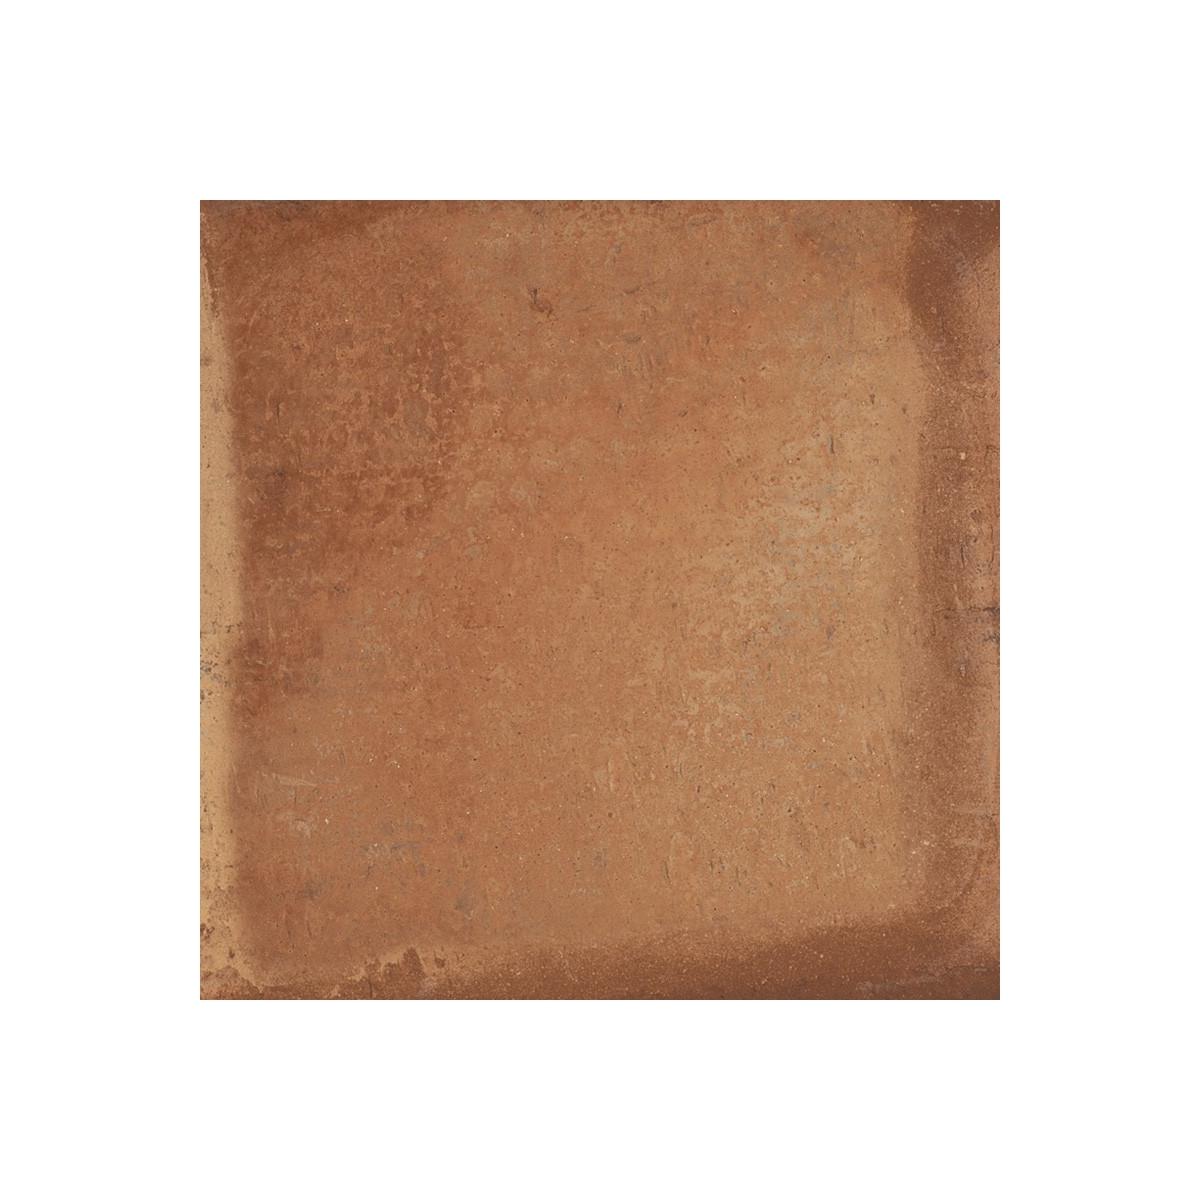 Rustic Cotto - Colección Rustic de Gaya Fores - Marca Gaya Fores S.L.